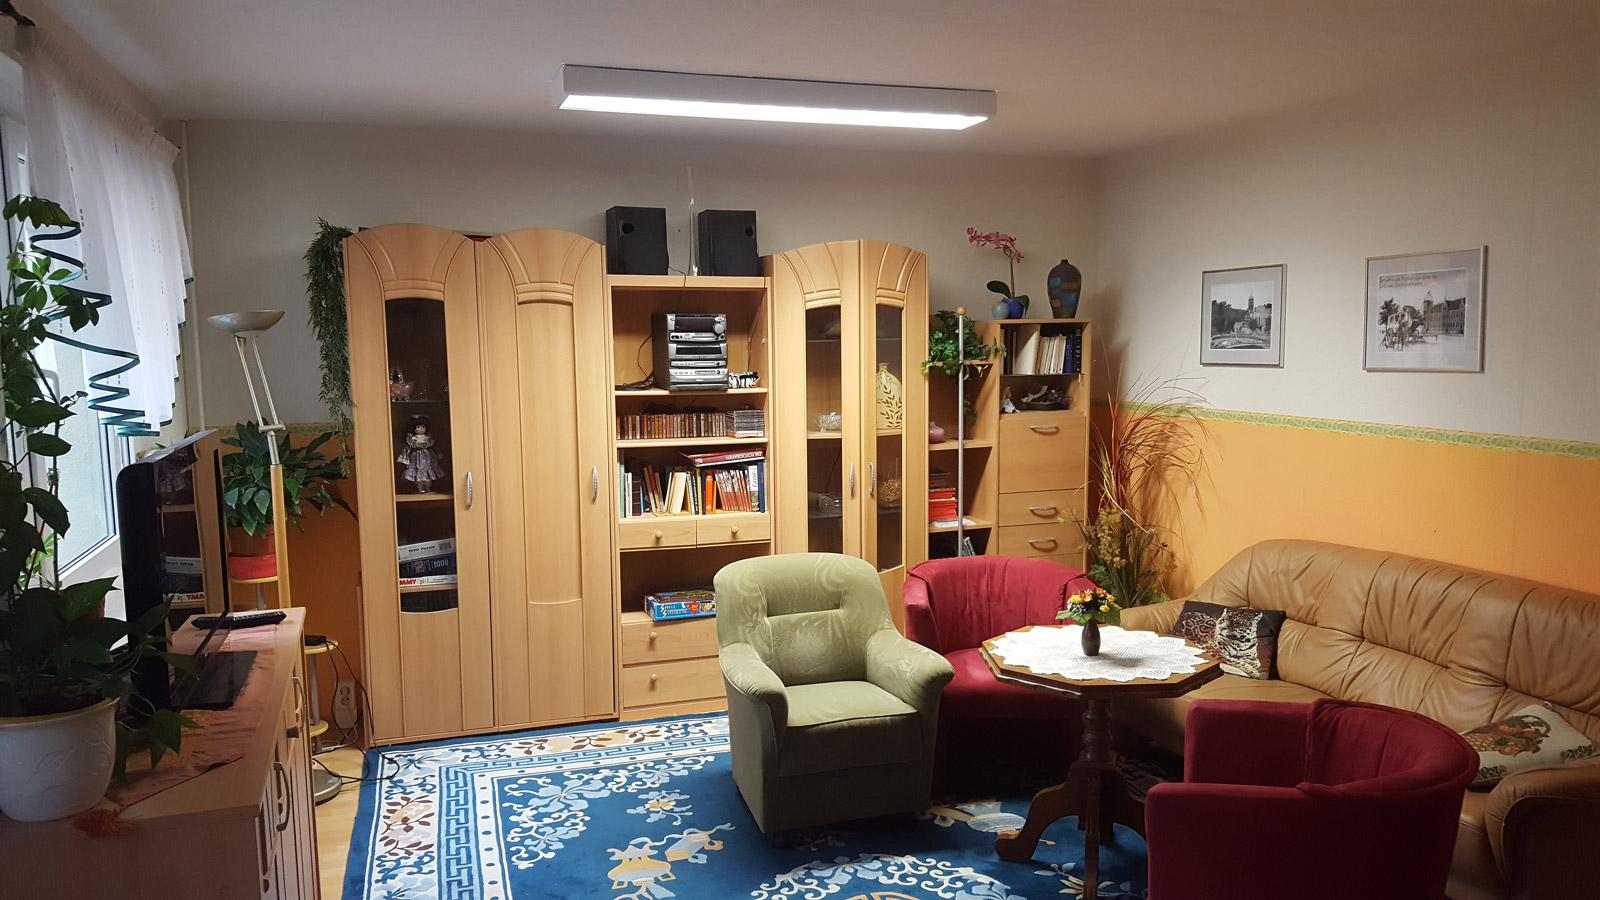 palmental cottbus die lebenswerte wohnanlage. Black Bedroom Furniture Sets. Home Design Ideas